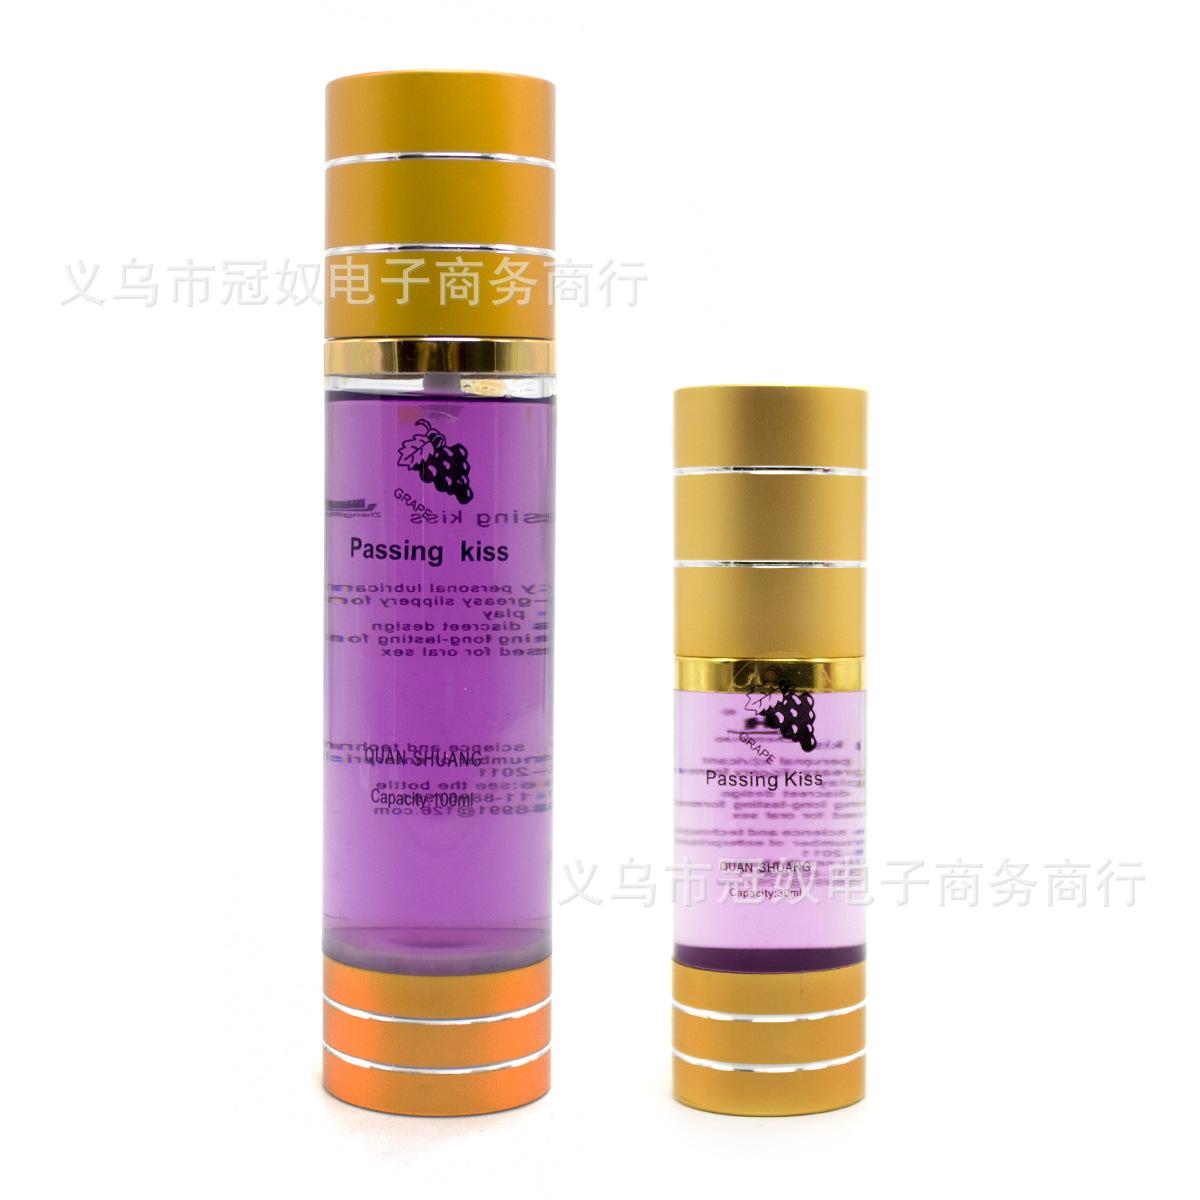 成人情趣用品 可食用人体润滑液水溶性润滑油100ML润滑剂水果味